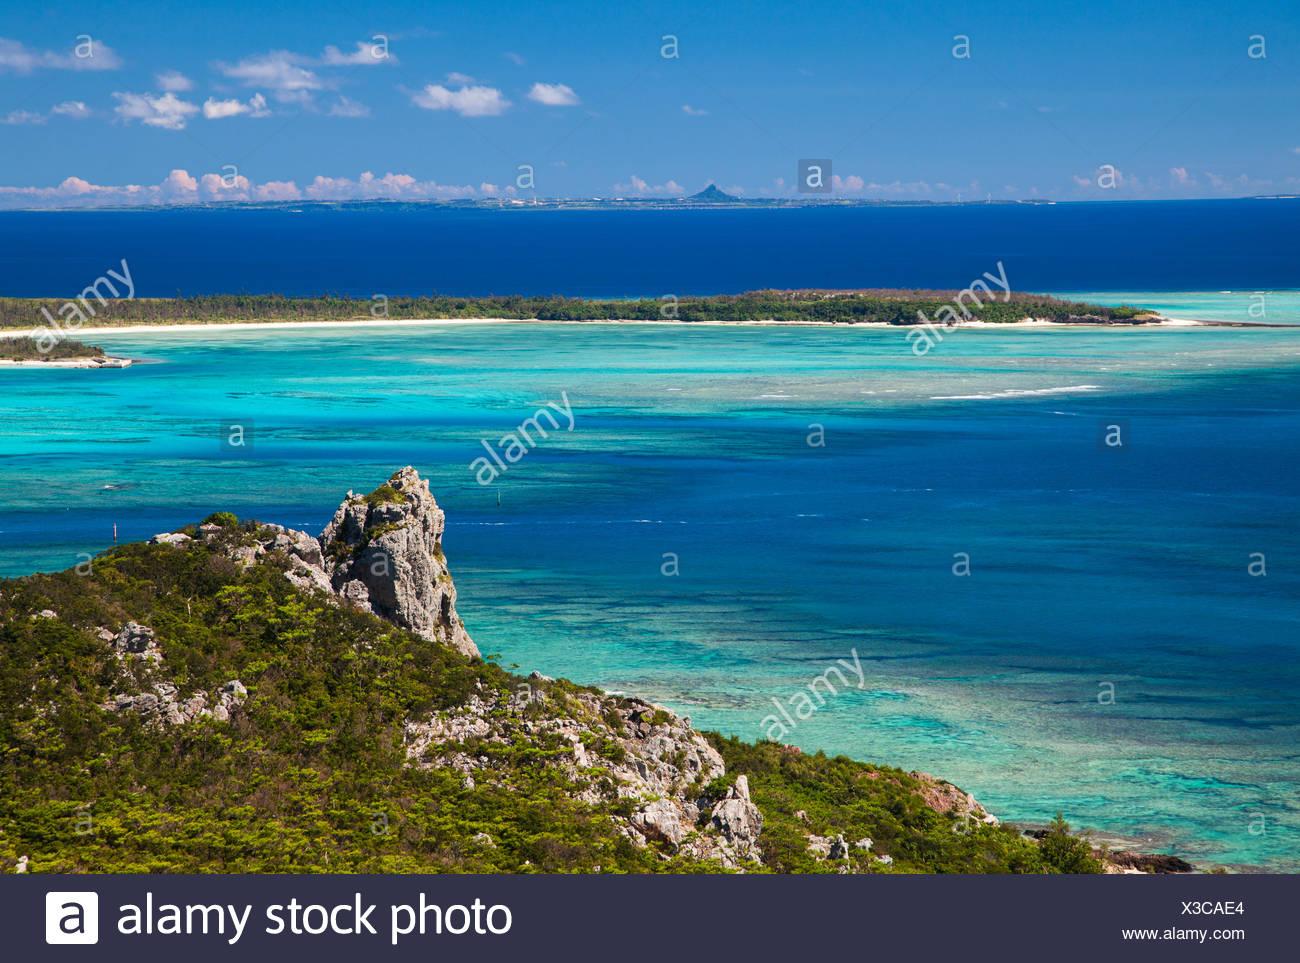 Coastal landscape, Okinawa, Japan - Stock Image